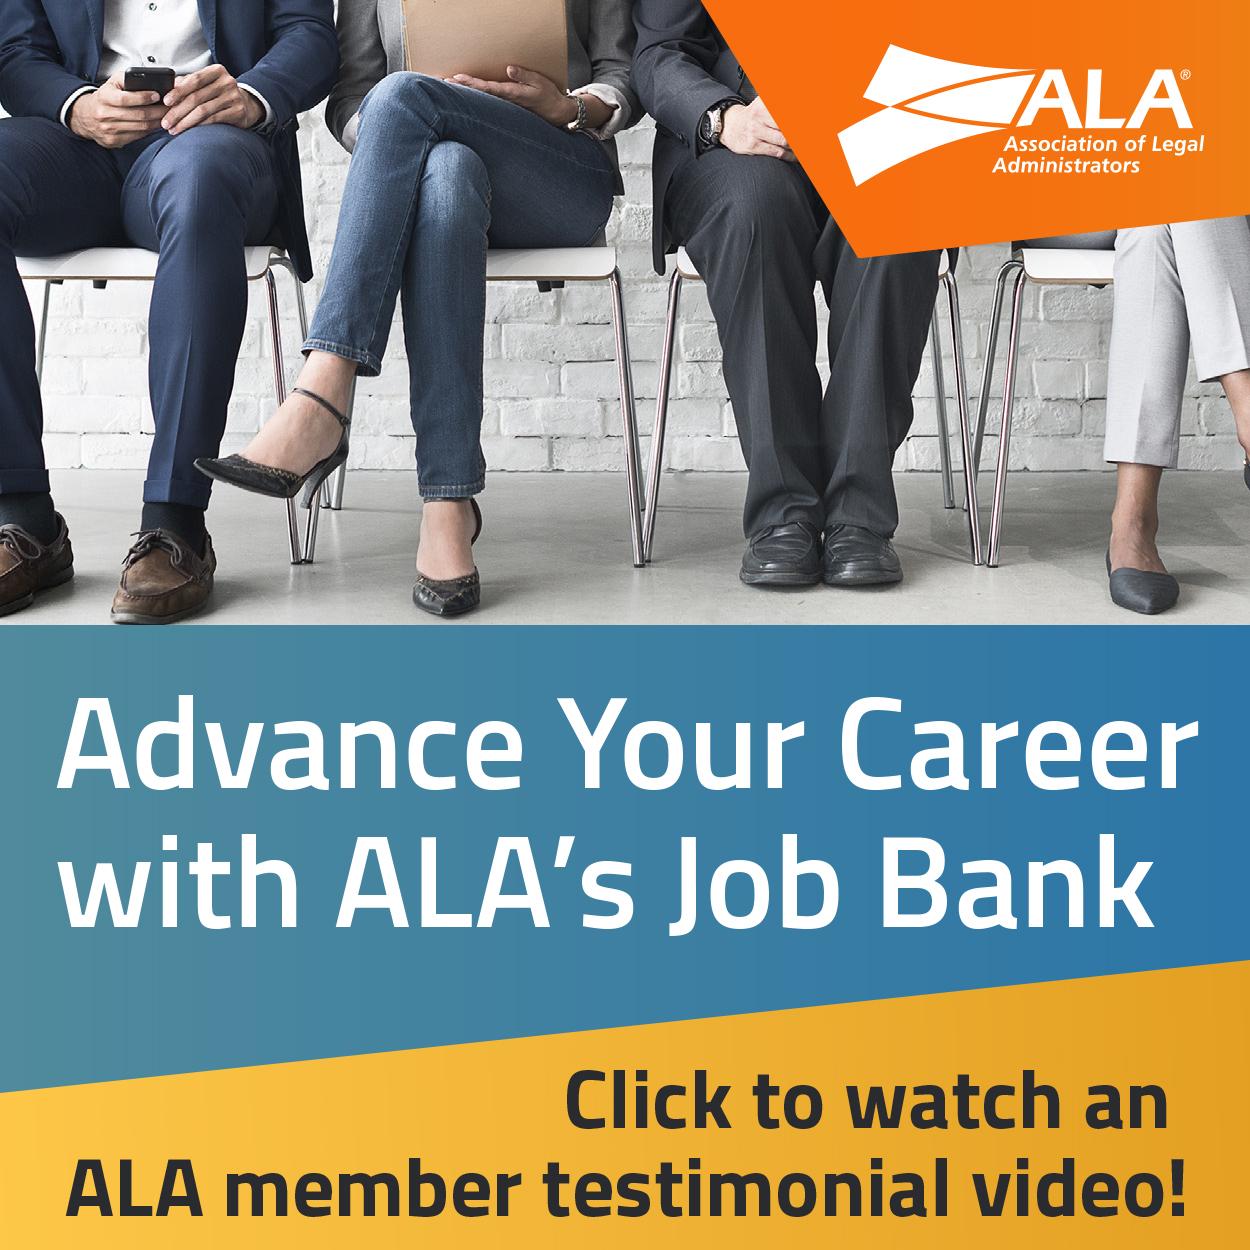 ALA Job Bank